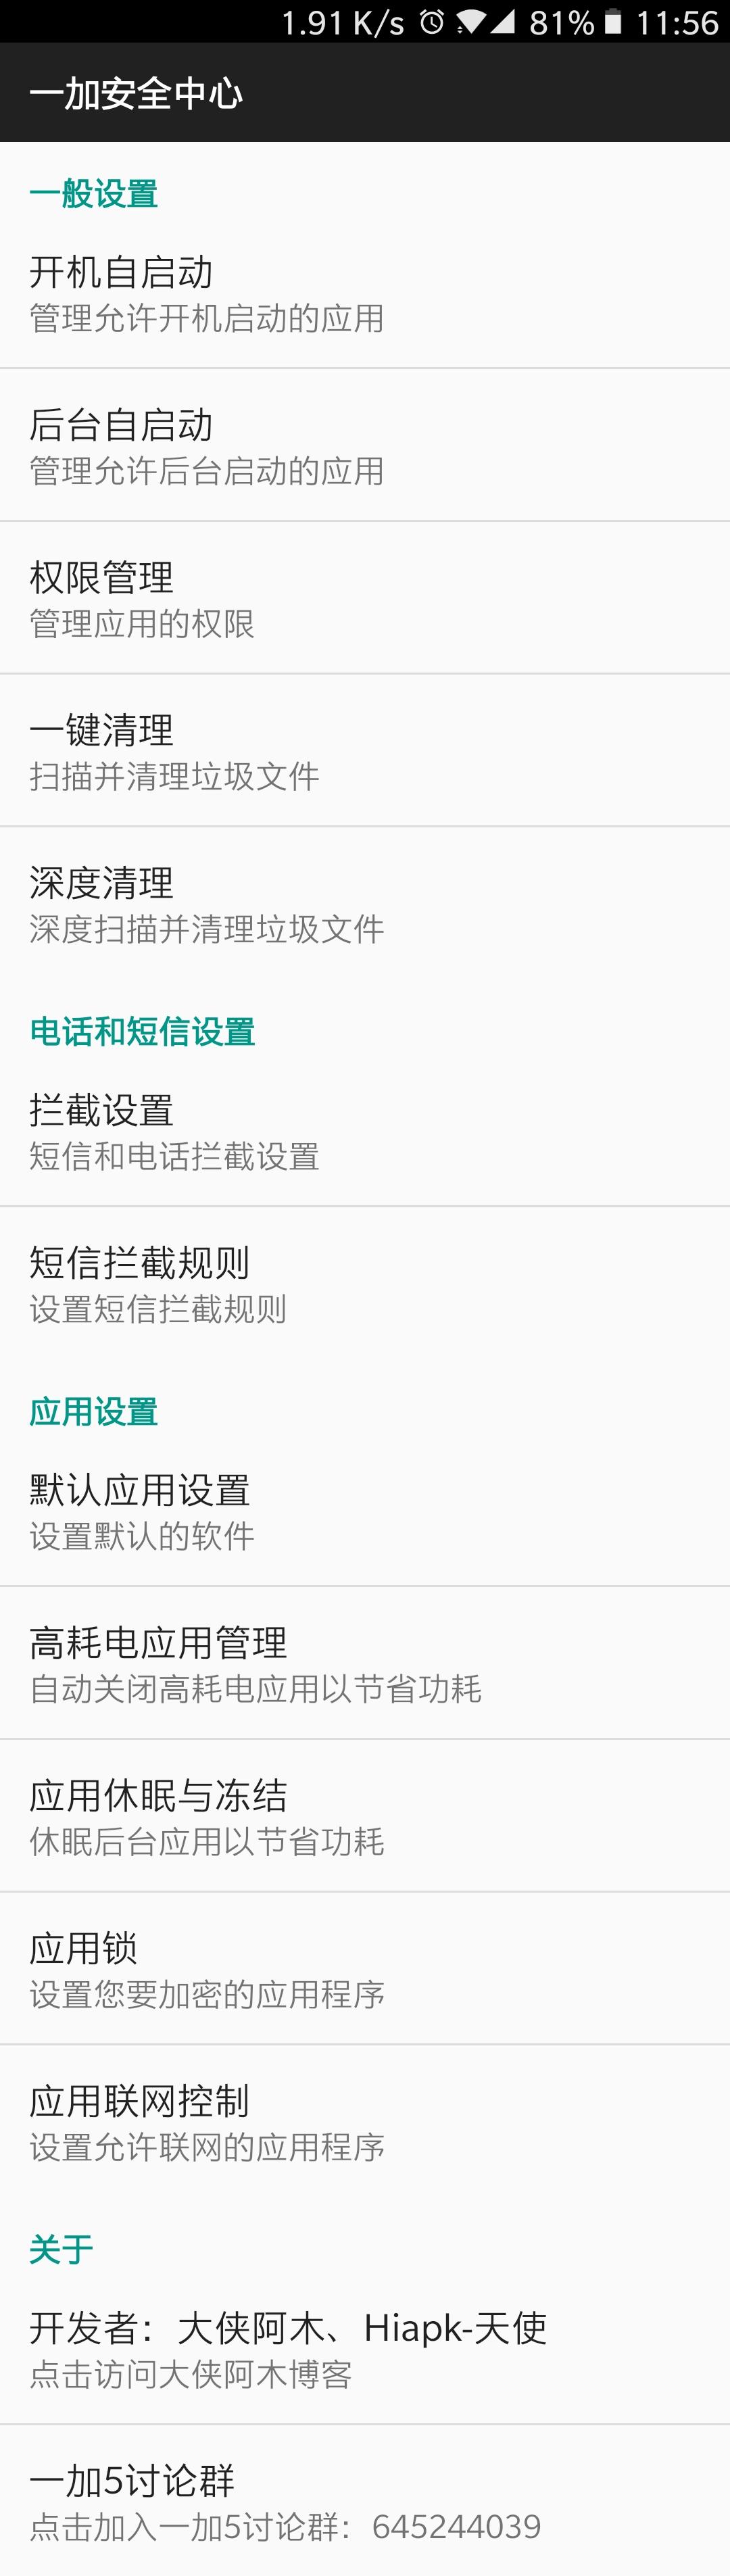 Screenshot_20170823-115647.jpg